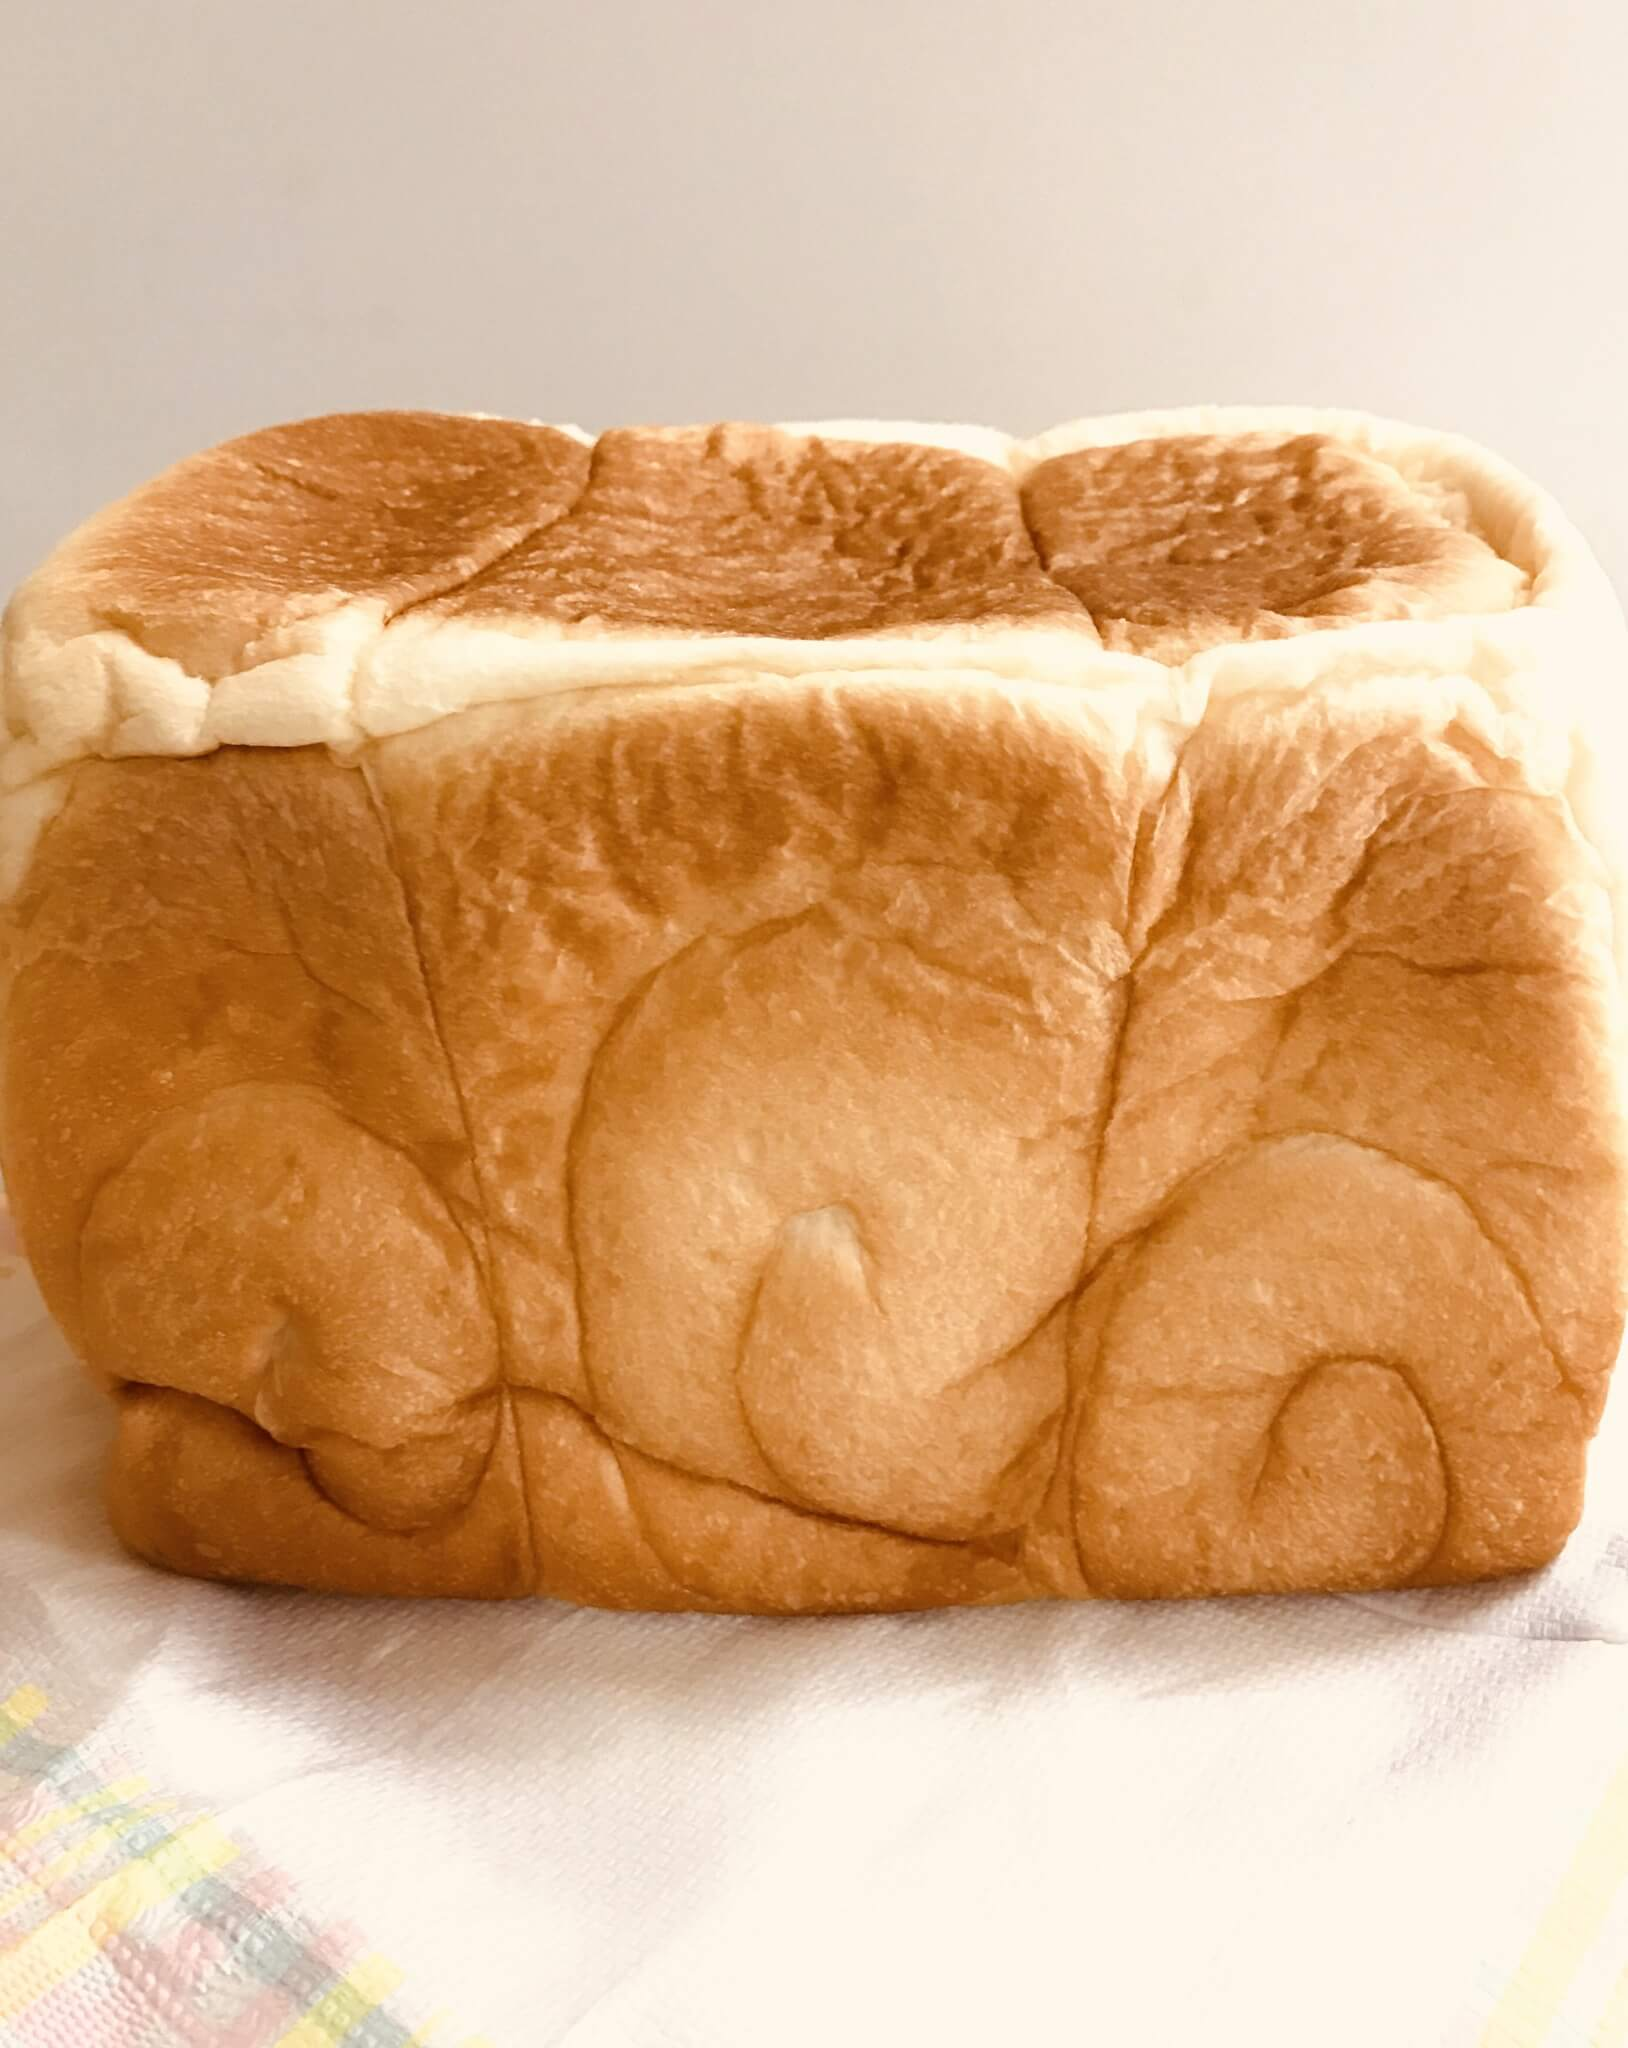 【食パン家】卵アレルギーのお子様でも食べれる無添加食パン《熊本市東区若葉》